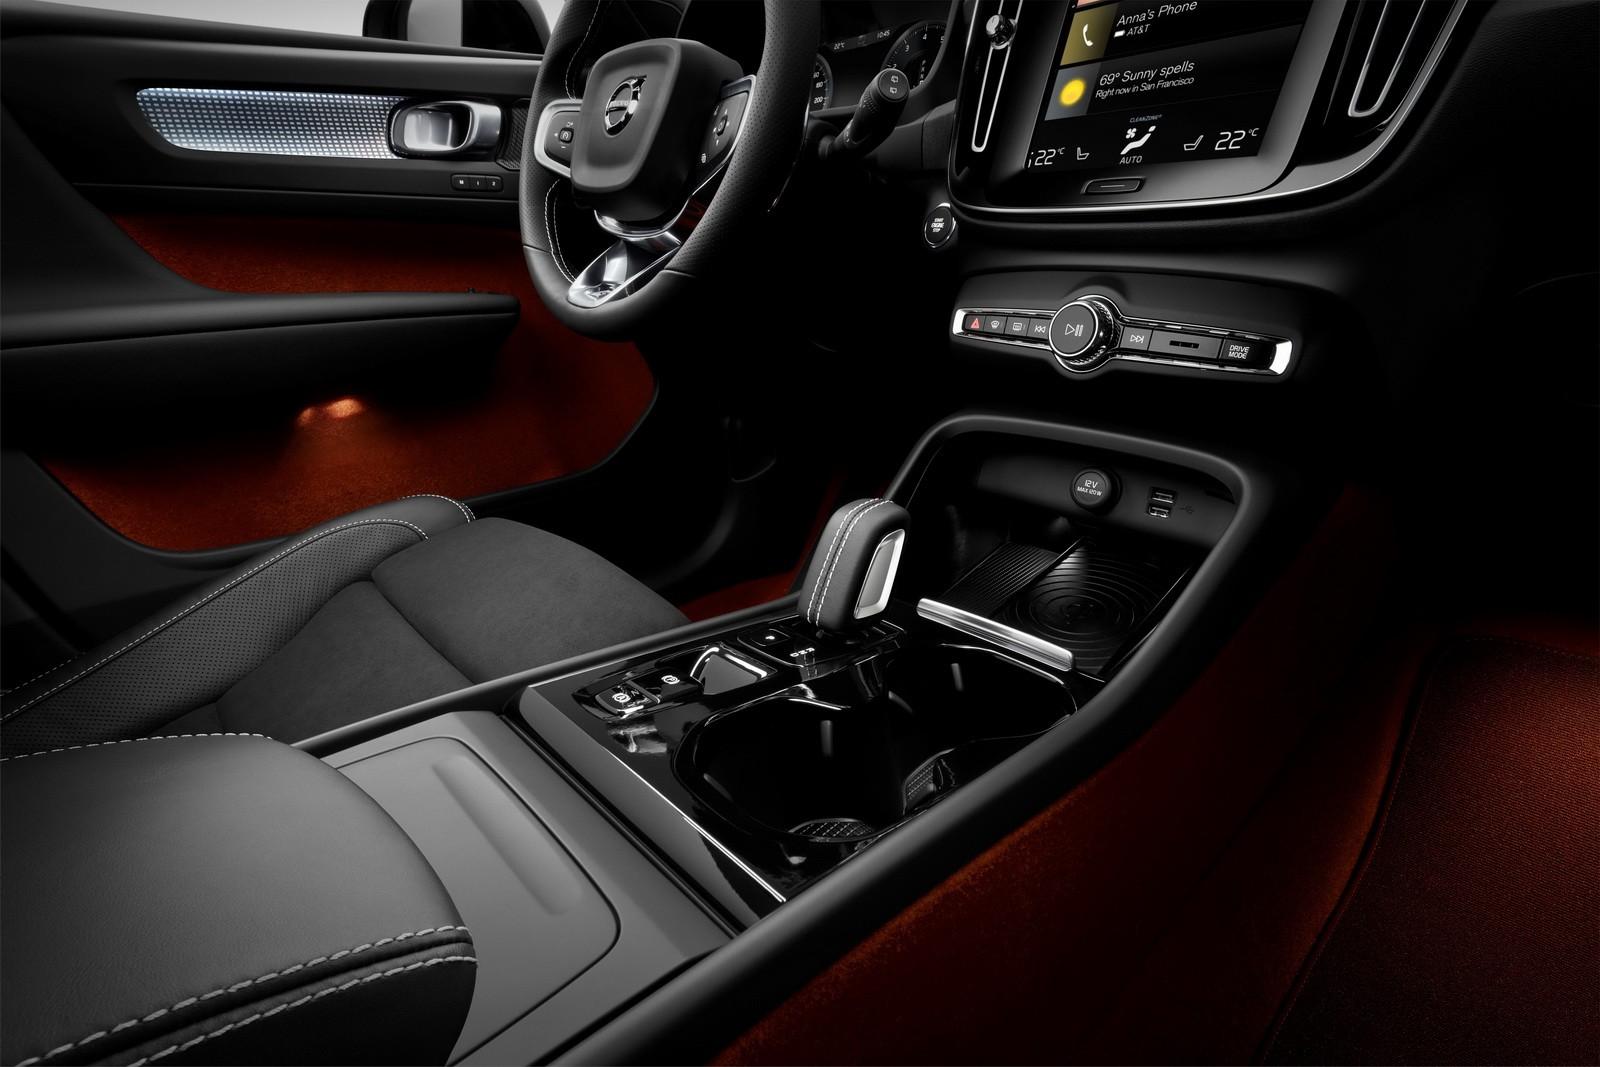 Xe++ - Xem trước SUV Volvo XC40 mới dành cho thị trường Bắc Mỹ (Hình 12).